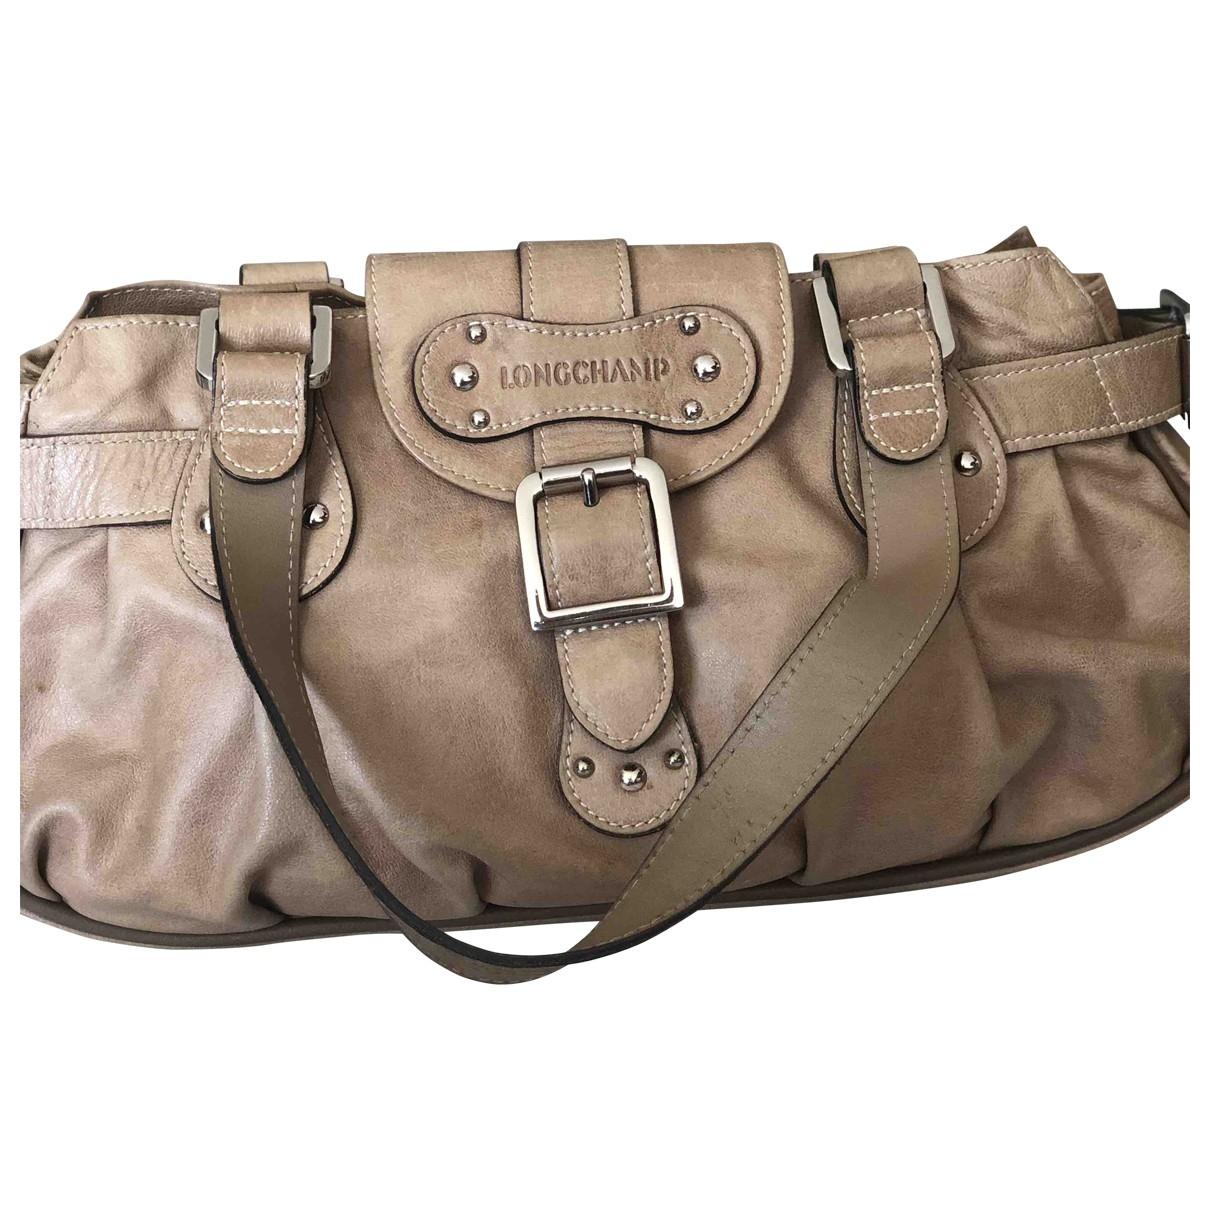 Longchamp - Sac a main Idole pour femme en cuir - beige